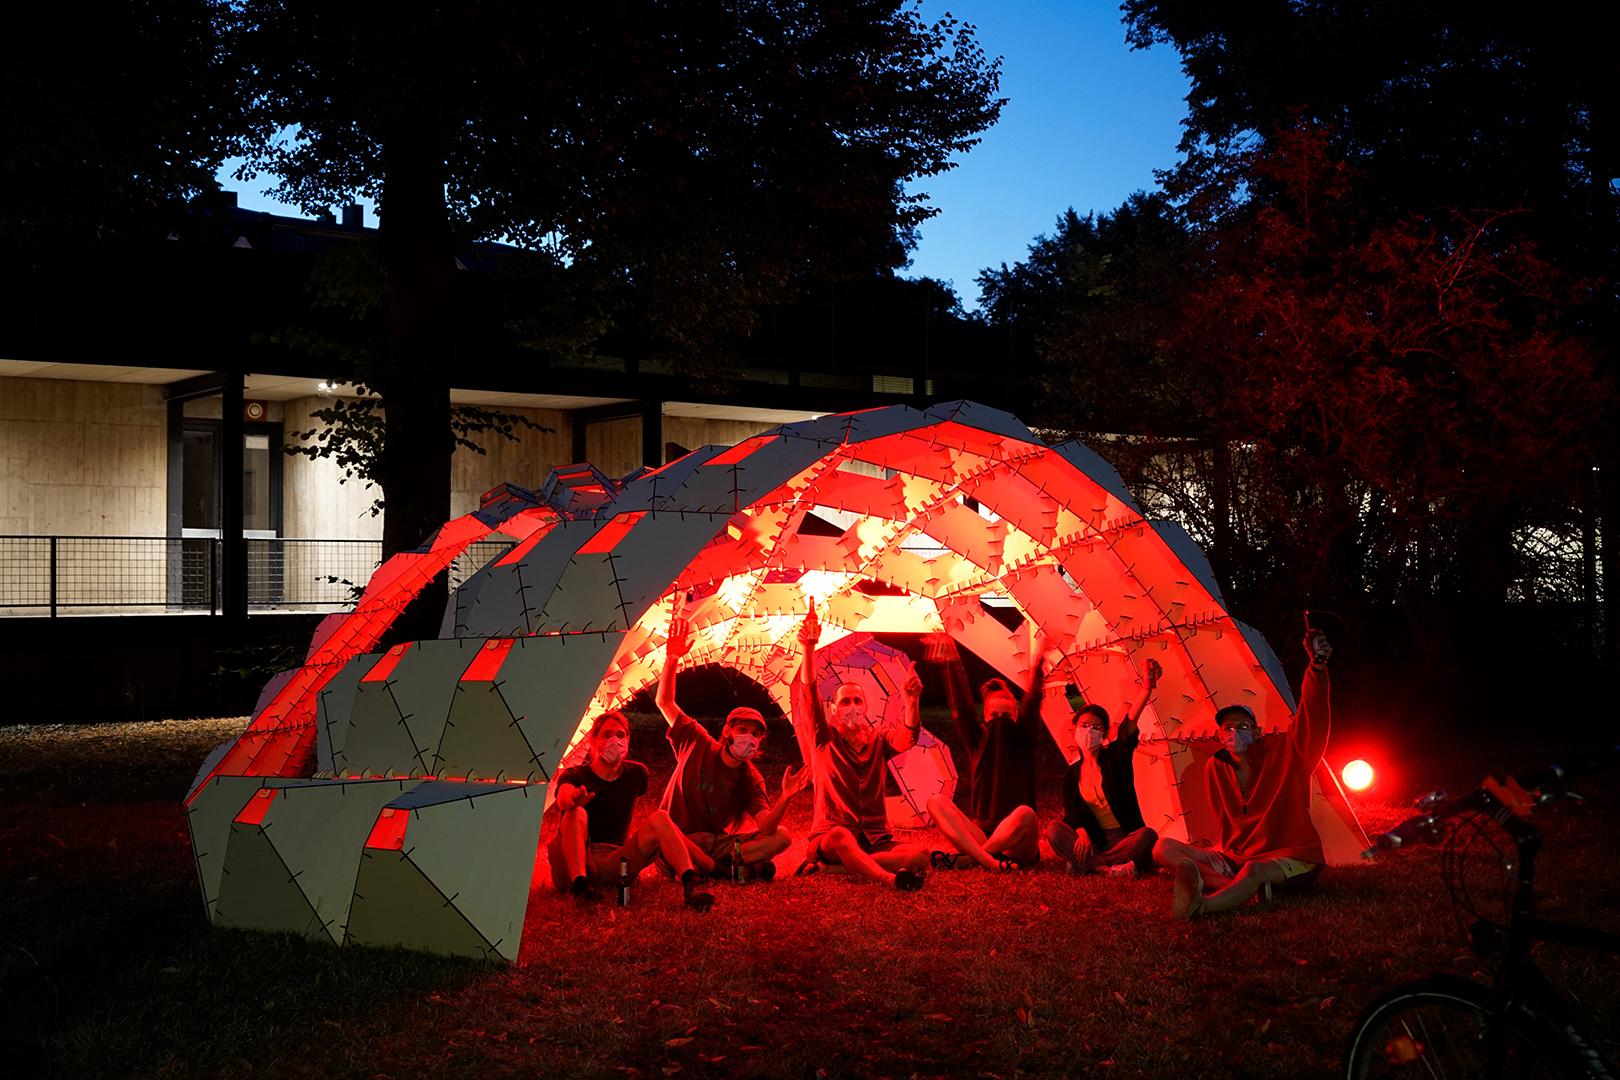 Innenansicht des rot beleuchteten Pavilions mit kleiner Gruppe Feiernder